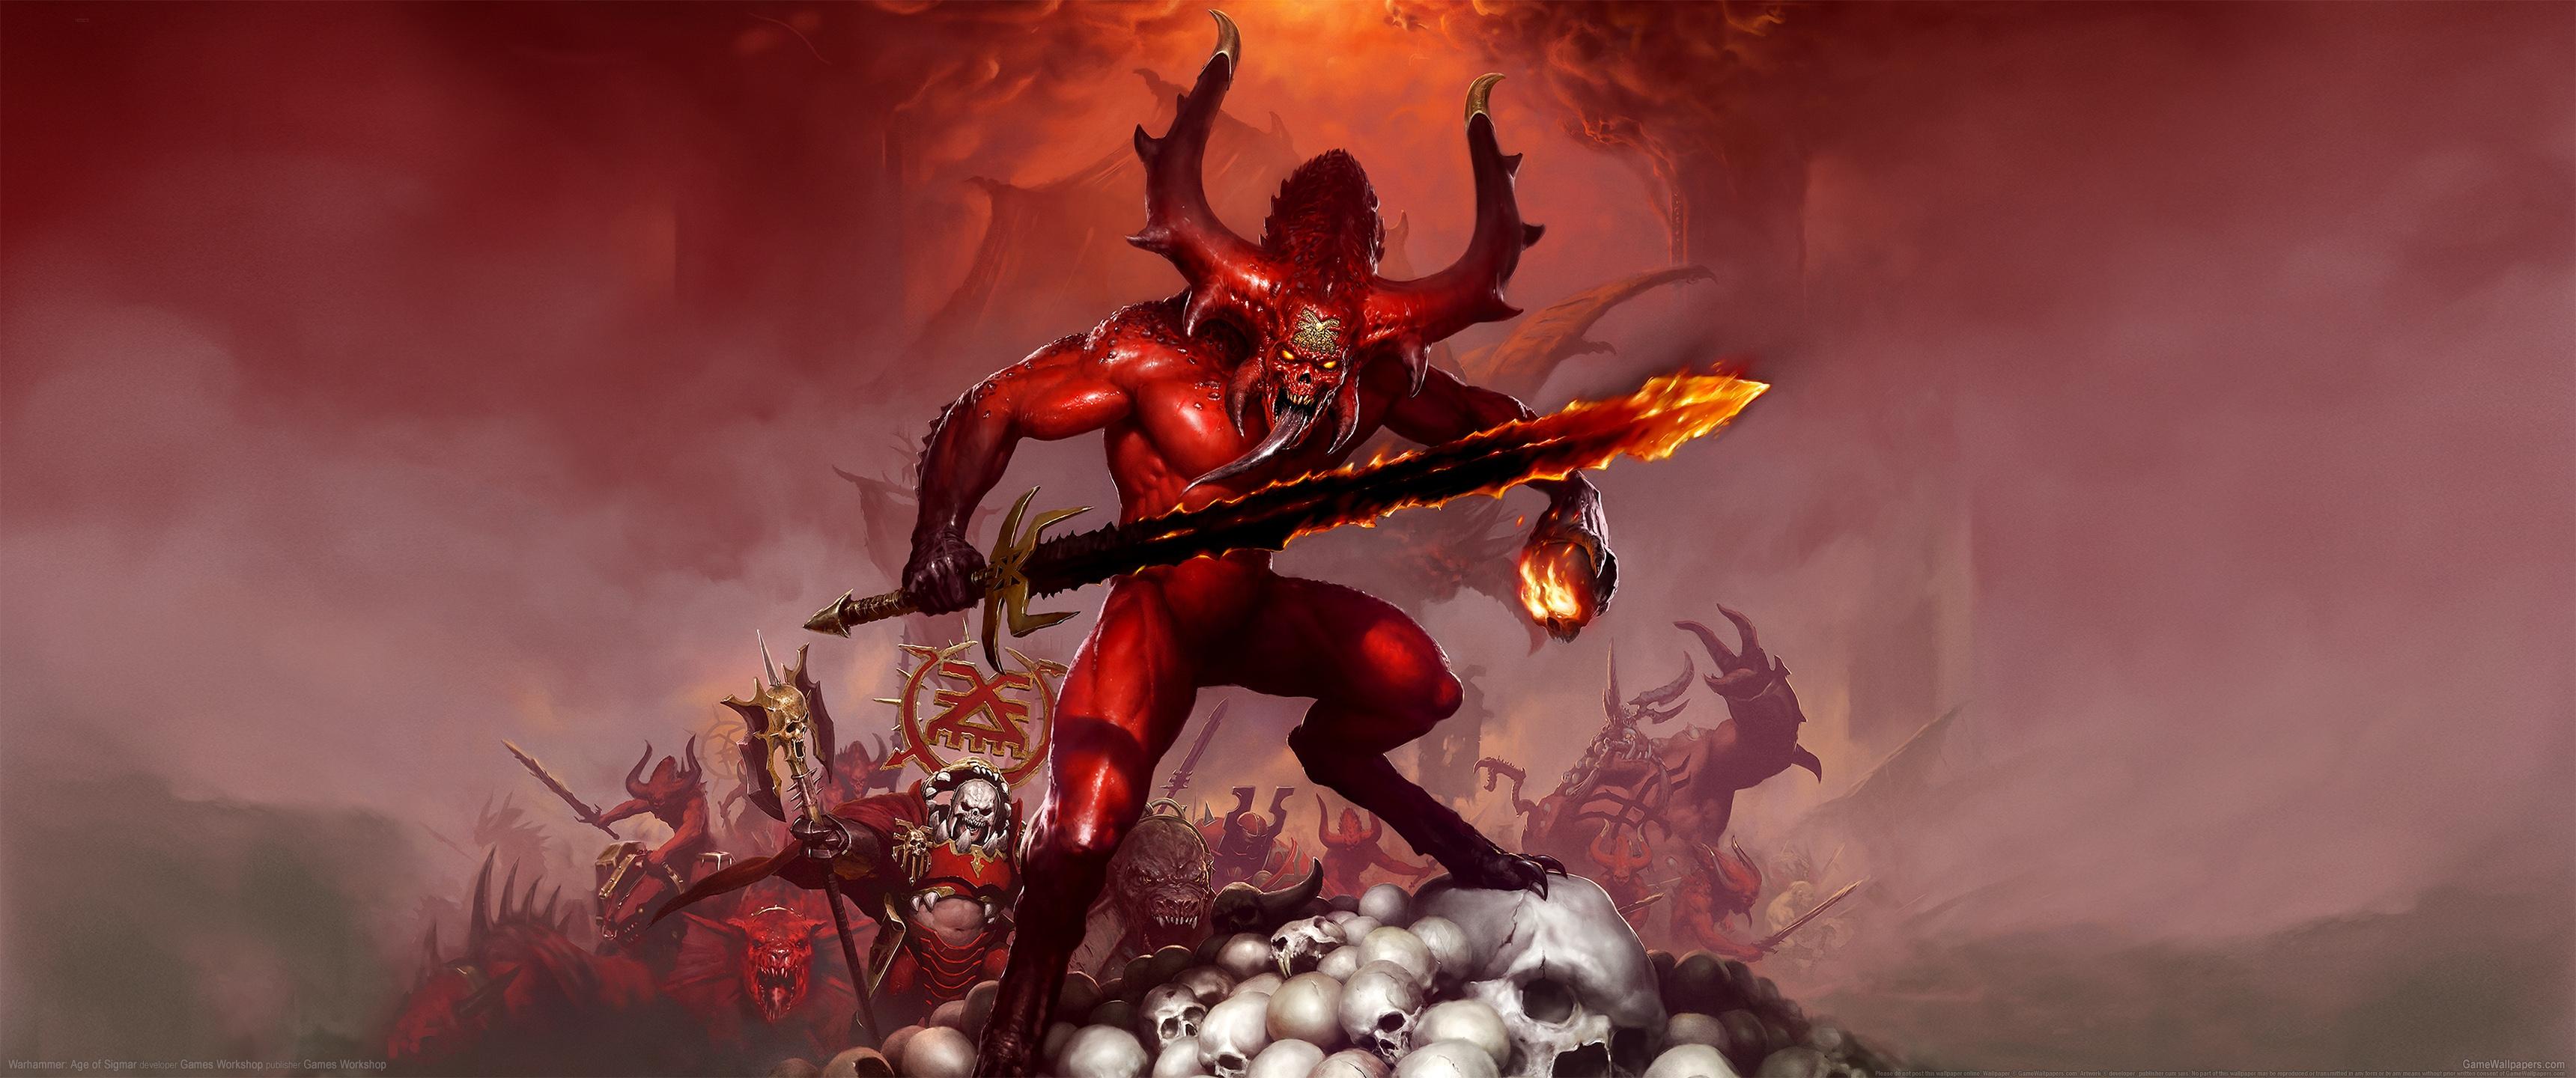 Warhammer: Age of Sigmar 3440x1440 Hintergrundbild 02